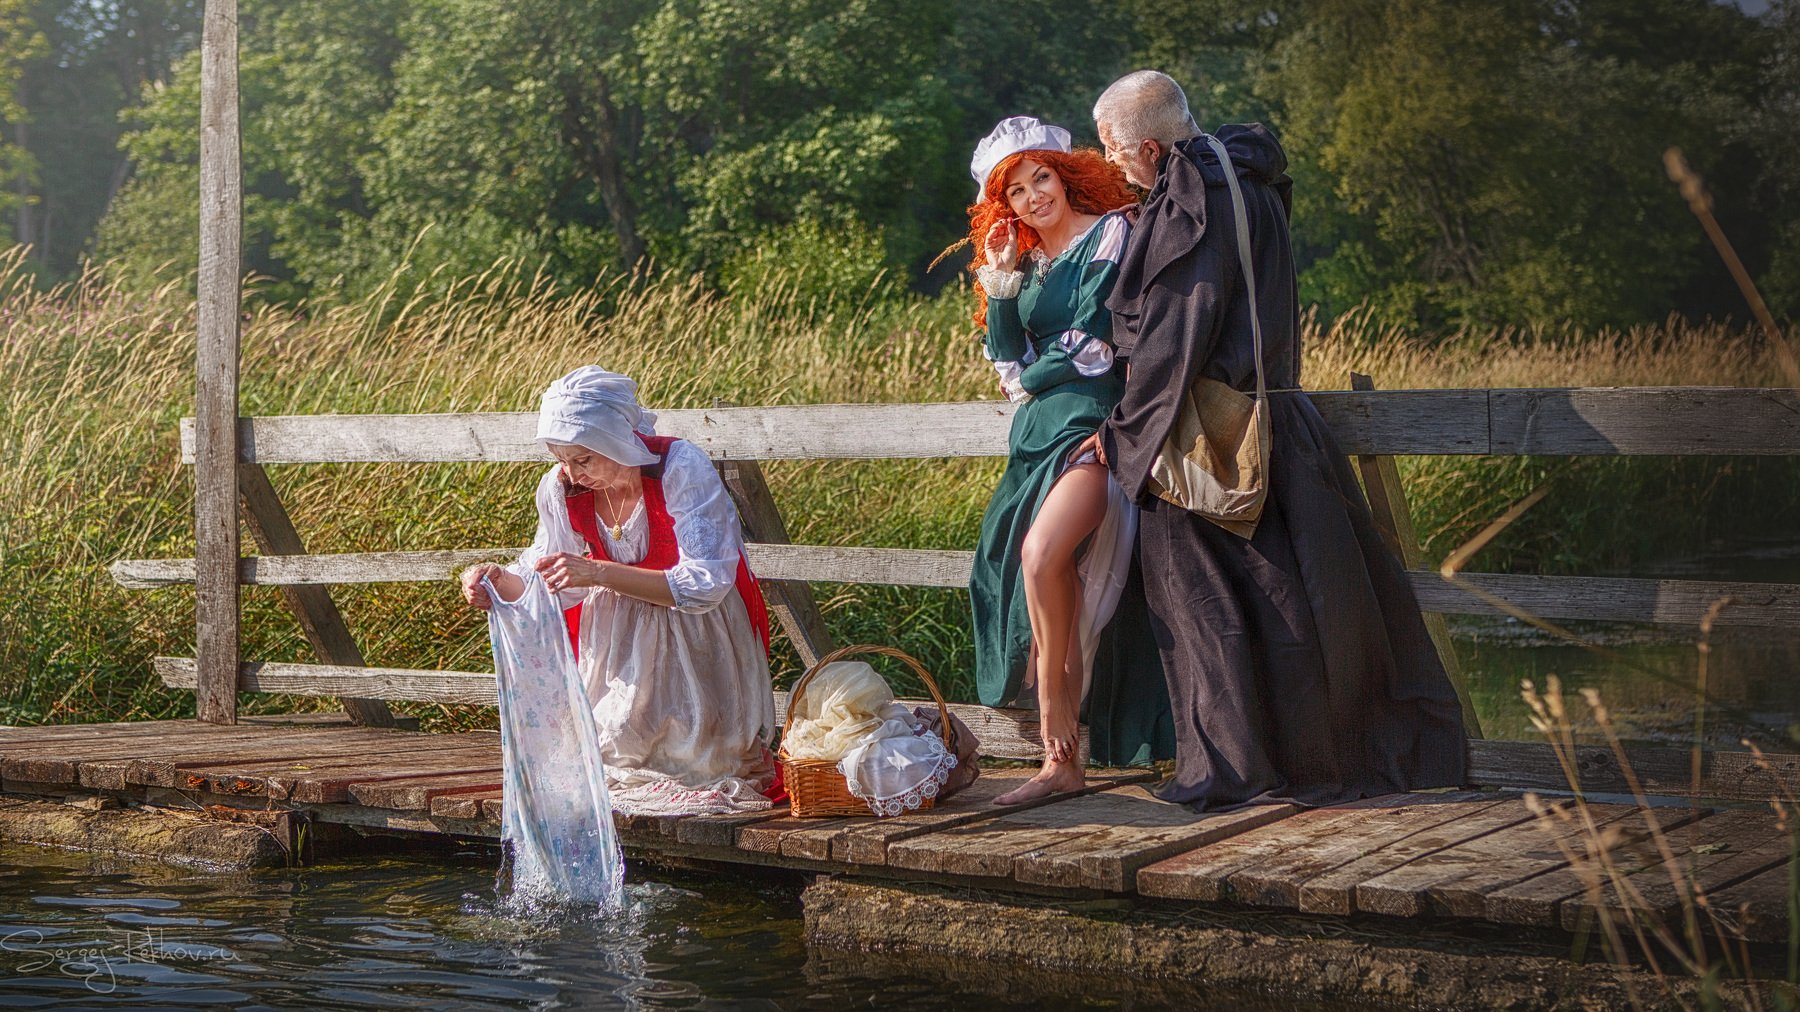 прачка, стирка, река, лето, рехов, сергейрехов, rekhov, sergejrekhov, Сергей Рехов